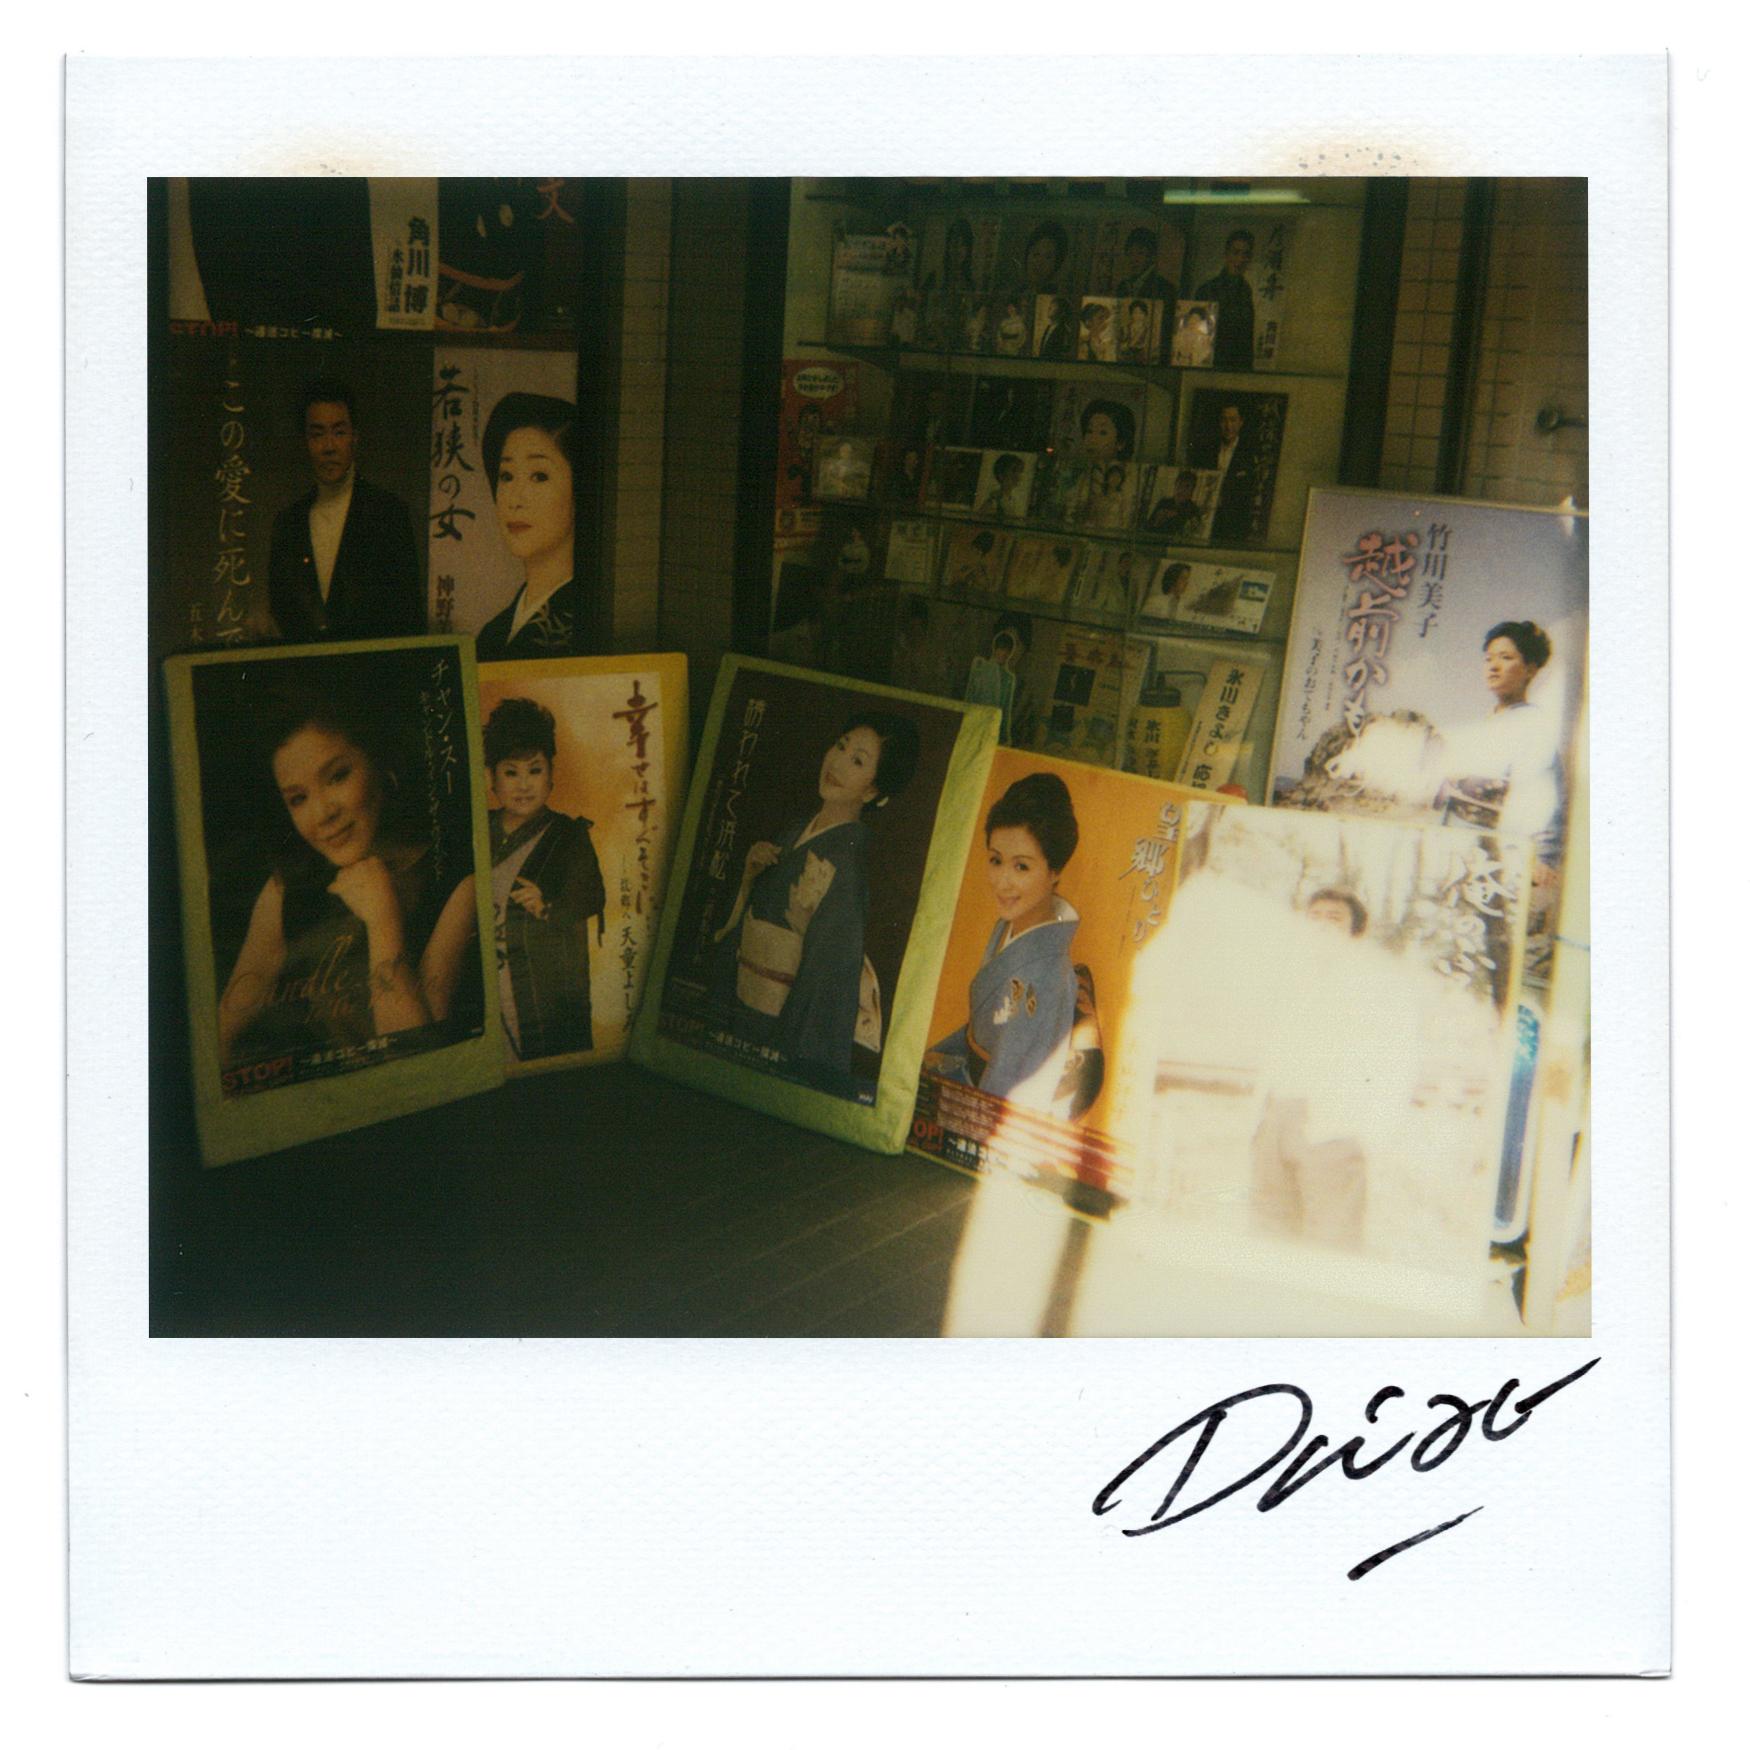 Moriyama Daido, bye-bye polaroid, 2008, Polaroid, 10 x 10 cm9